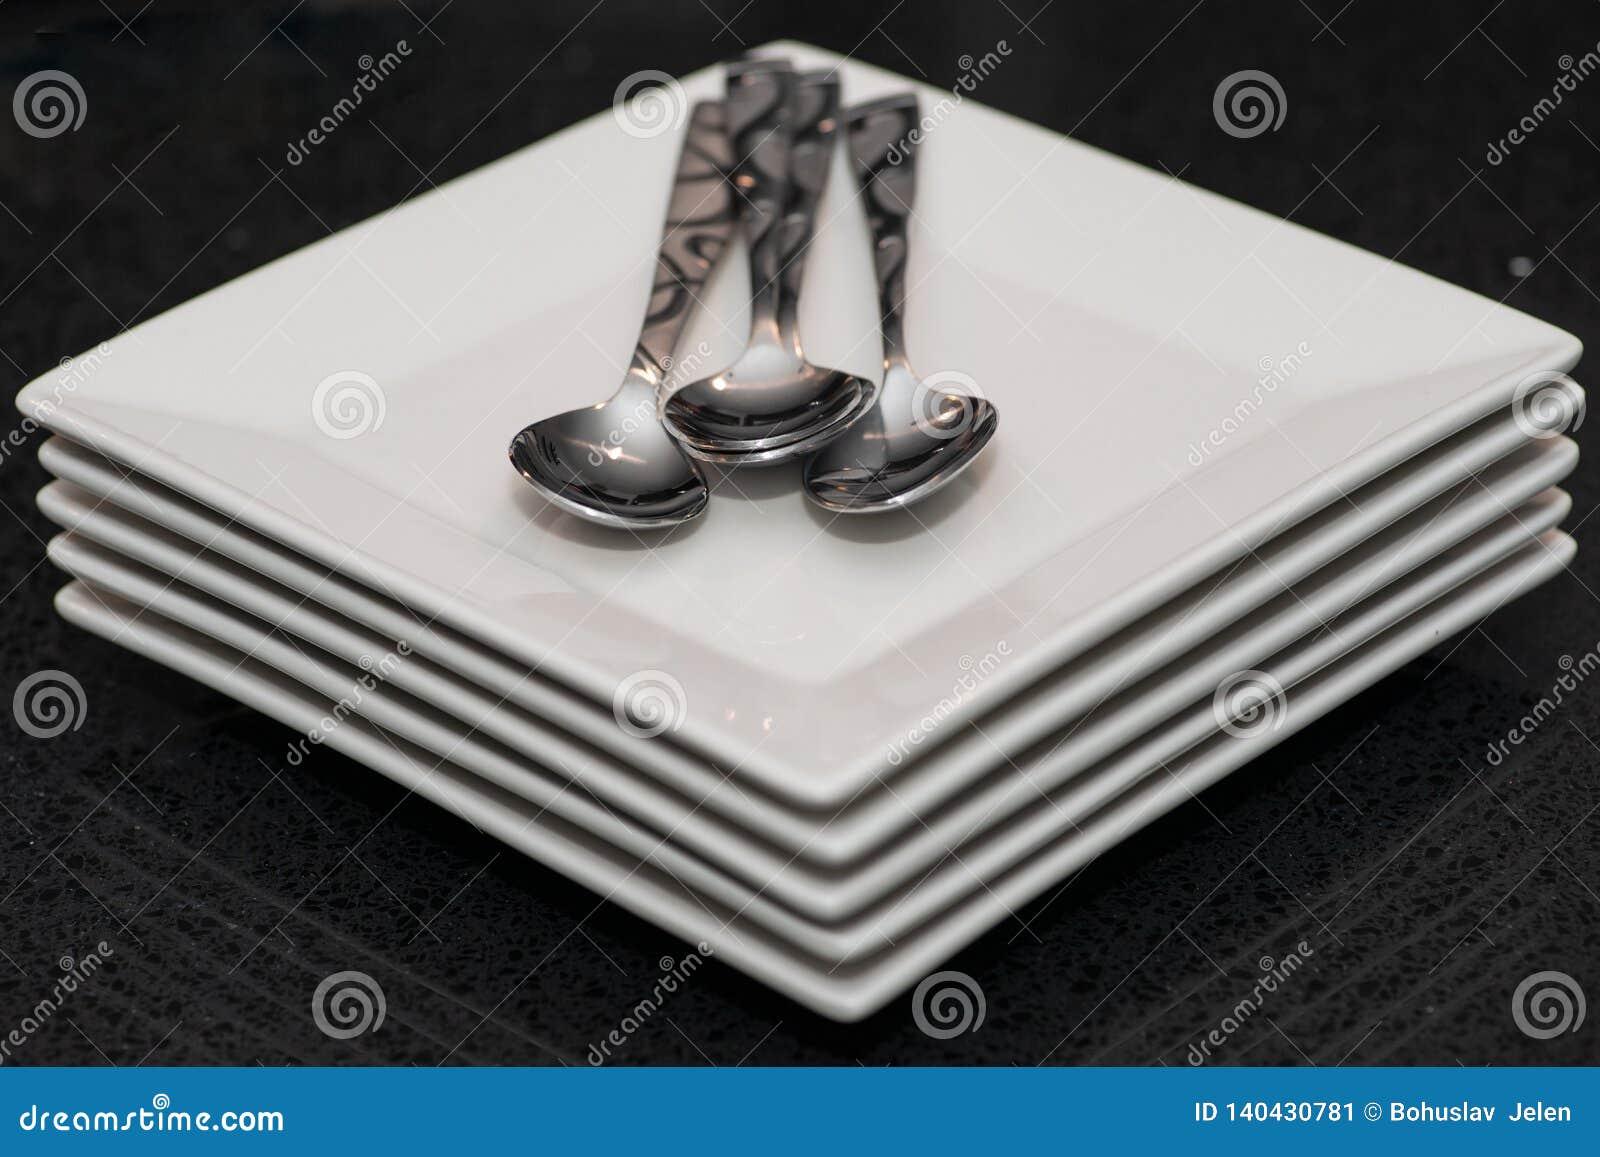 方形的冷菜盘和银器在宴会桌上在事务或婚姻的事件